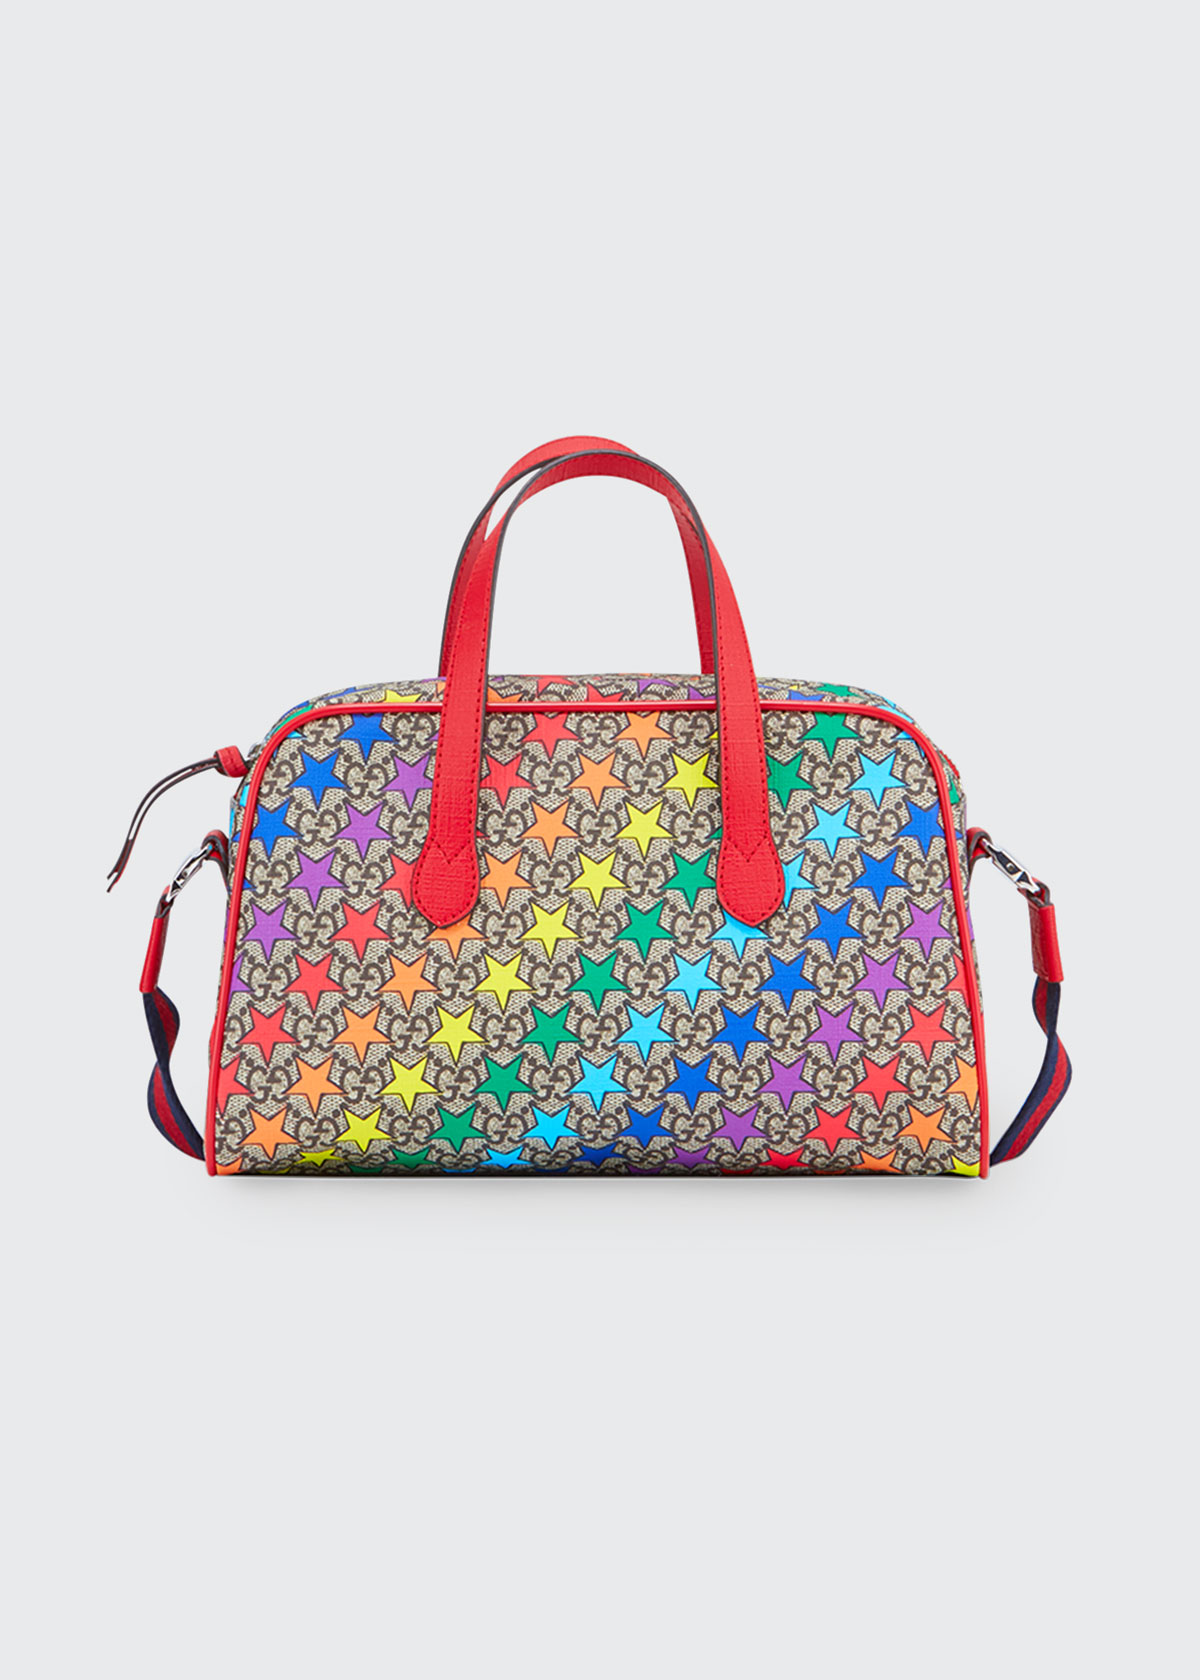 Gucci Shoulder-bags KIDS' RAINBOW-STAR GG SUPREME SHOULDER BAG